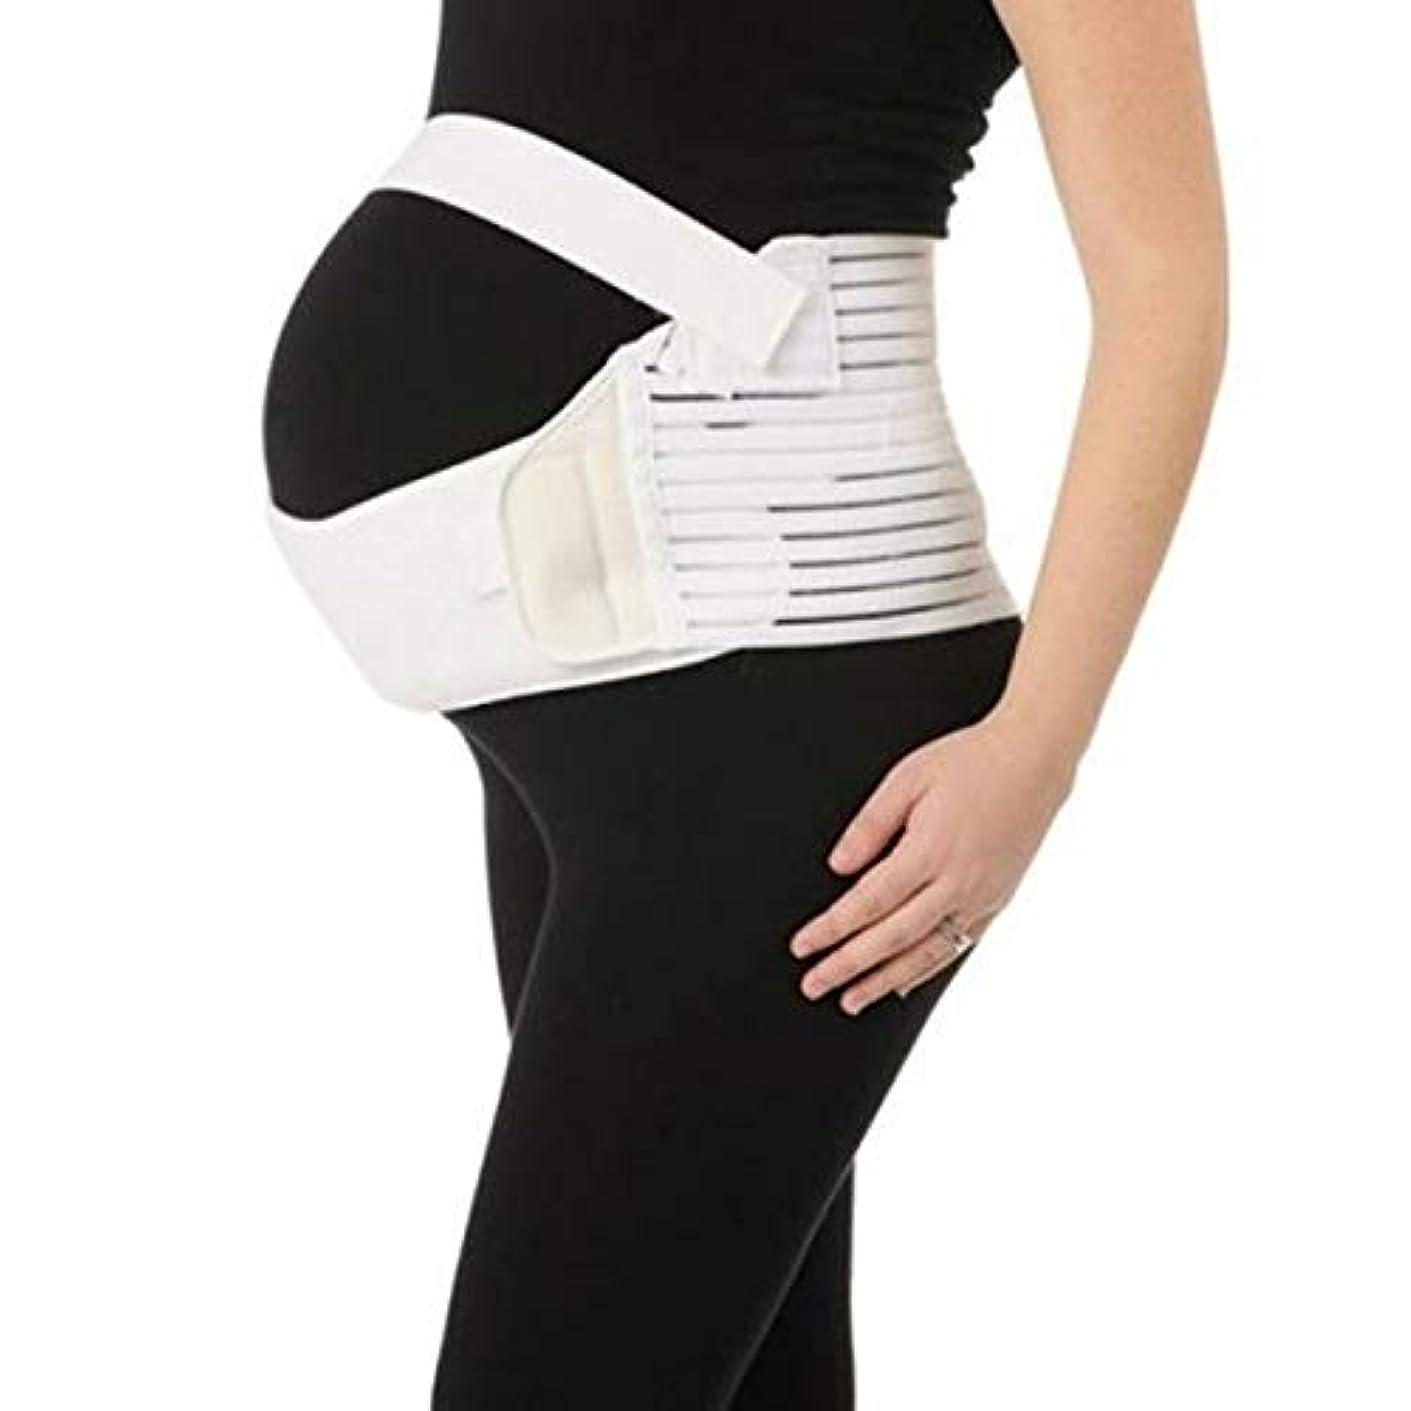 ルーキー変化弓通気性マタニティベルト妊娠腹部サポート腹部バインダーガードル運動包帯産後の回復shapewear - ホワイトL